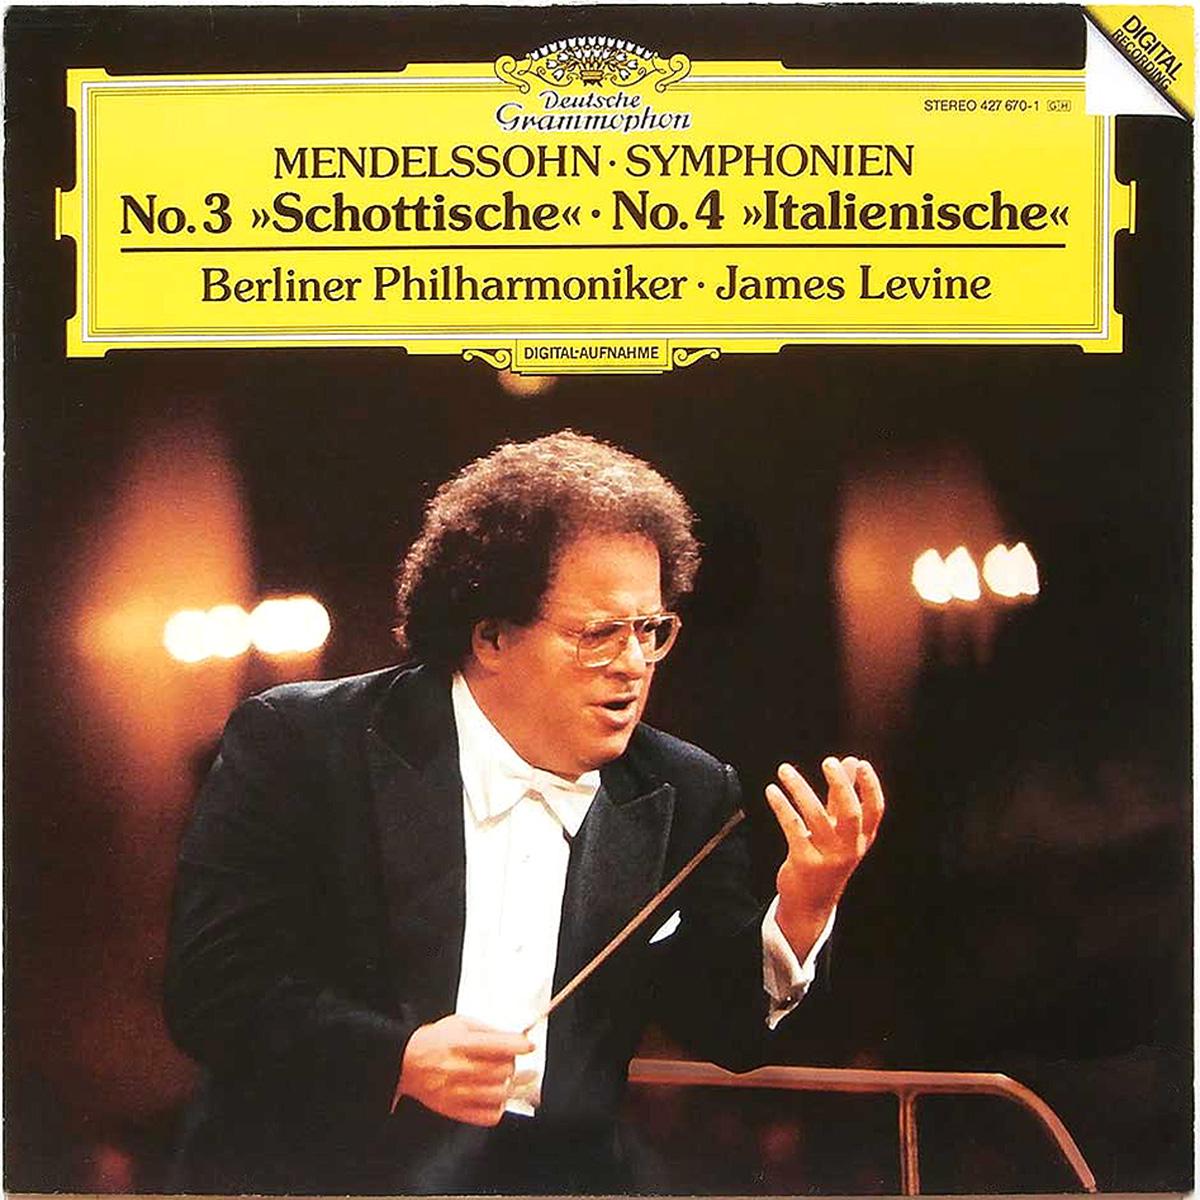 DGG 427 670 Mendelssohn Symphonies 3